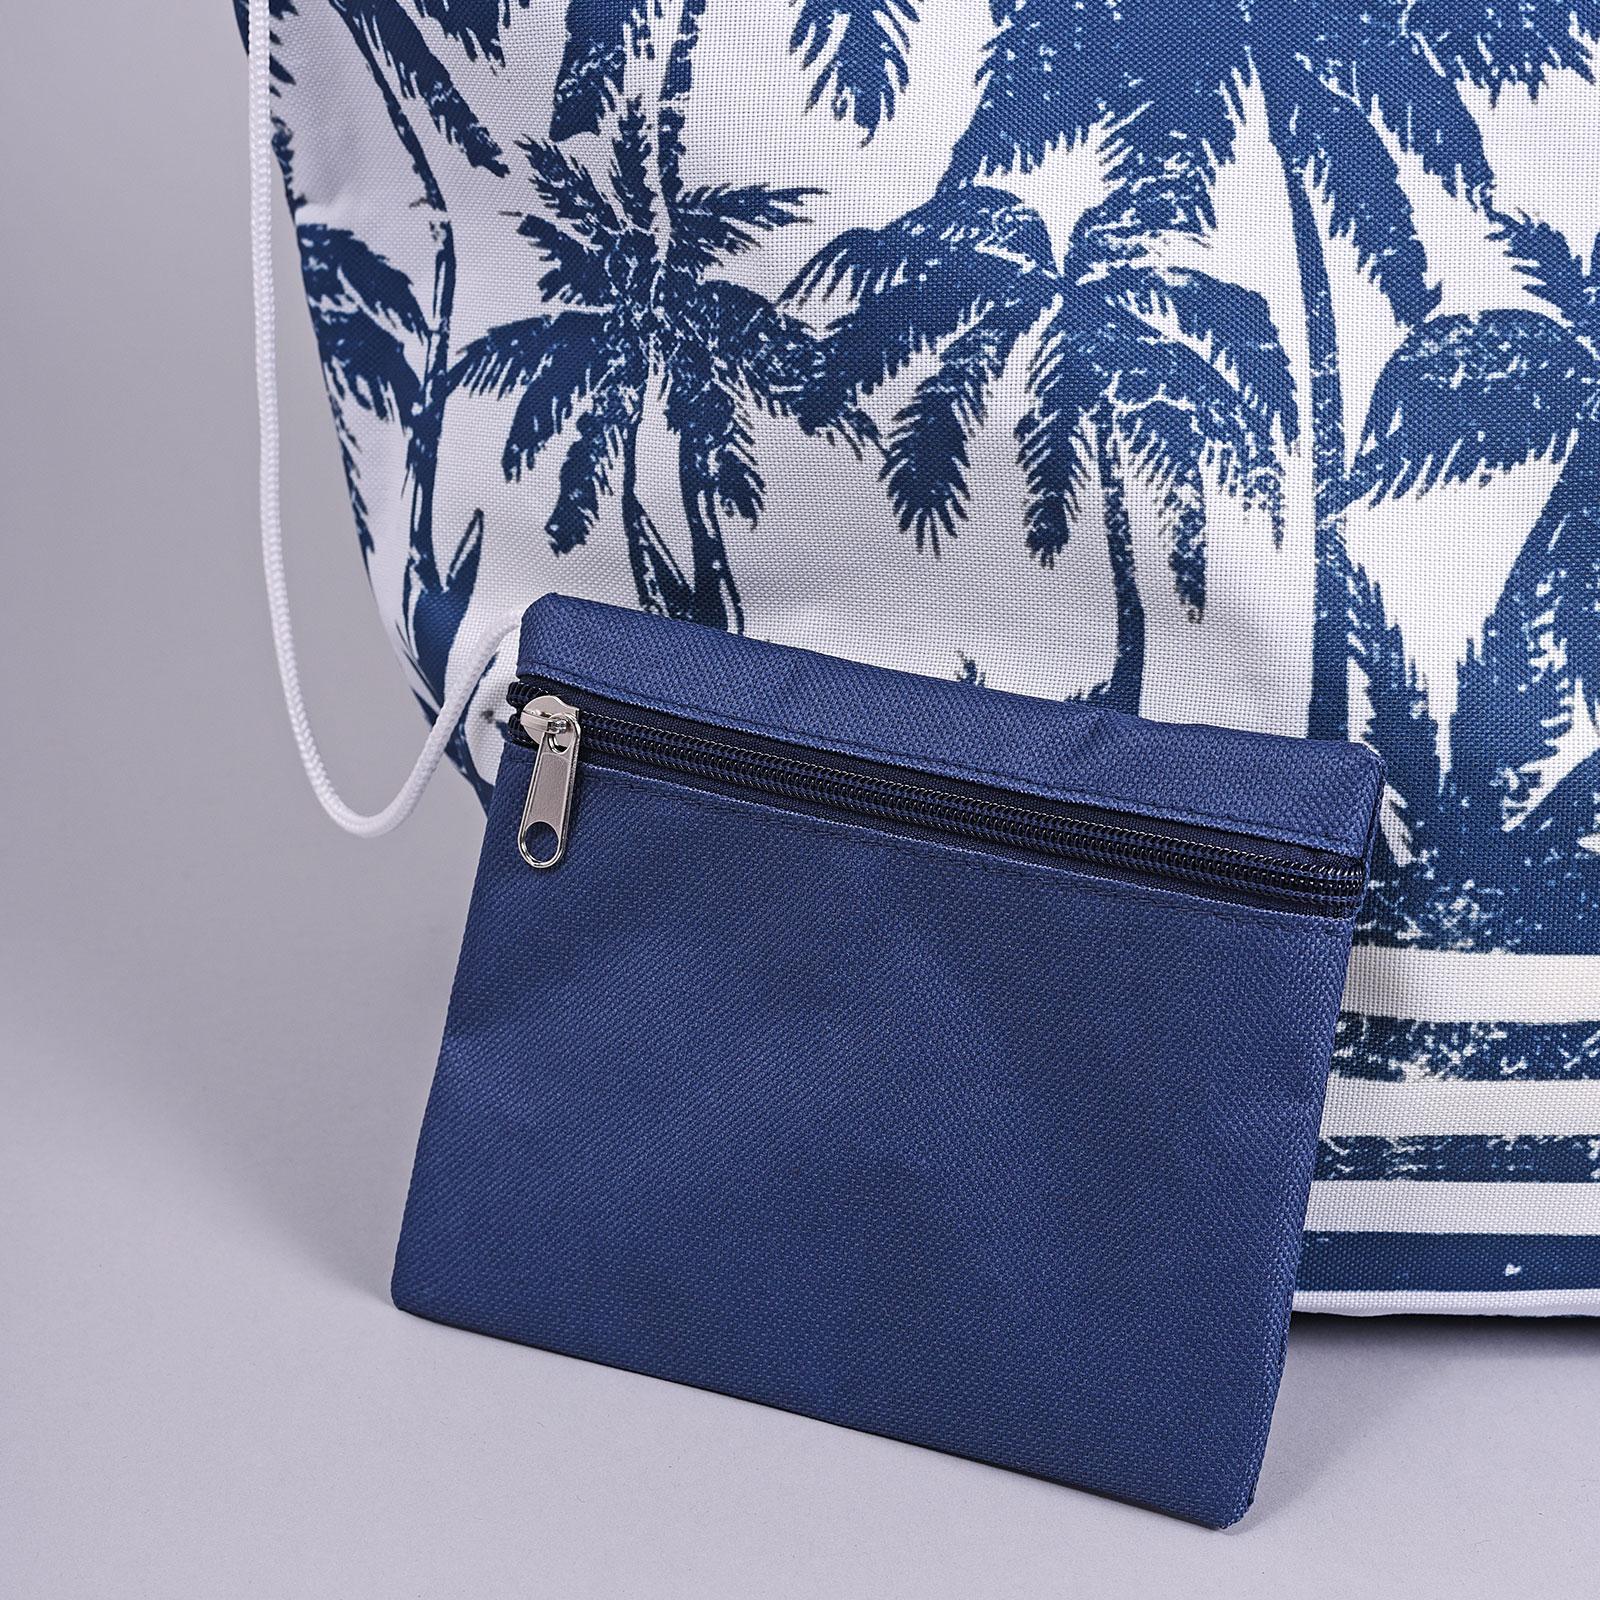 MQ-00115-marine-D16-sac-plage-pochette-impermeable-bleu